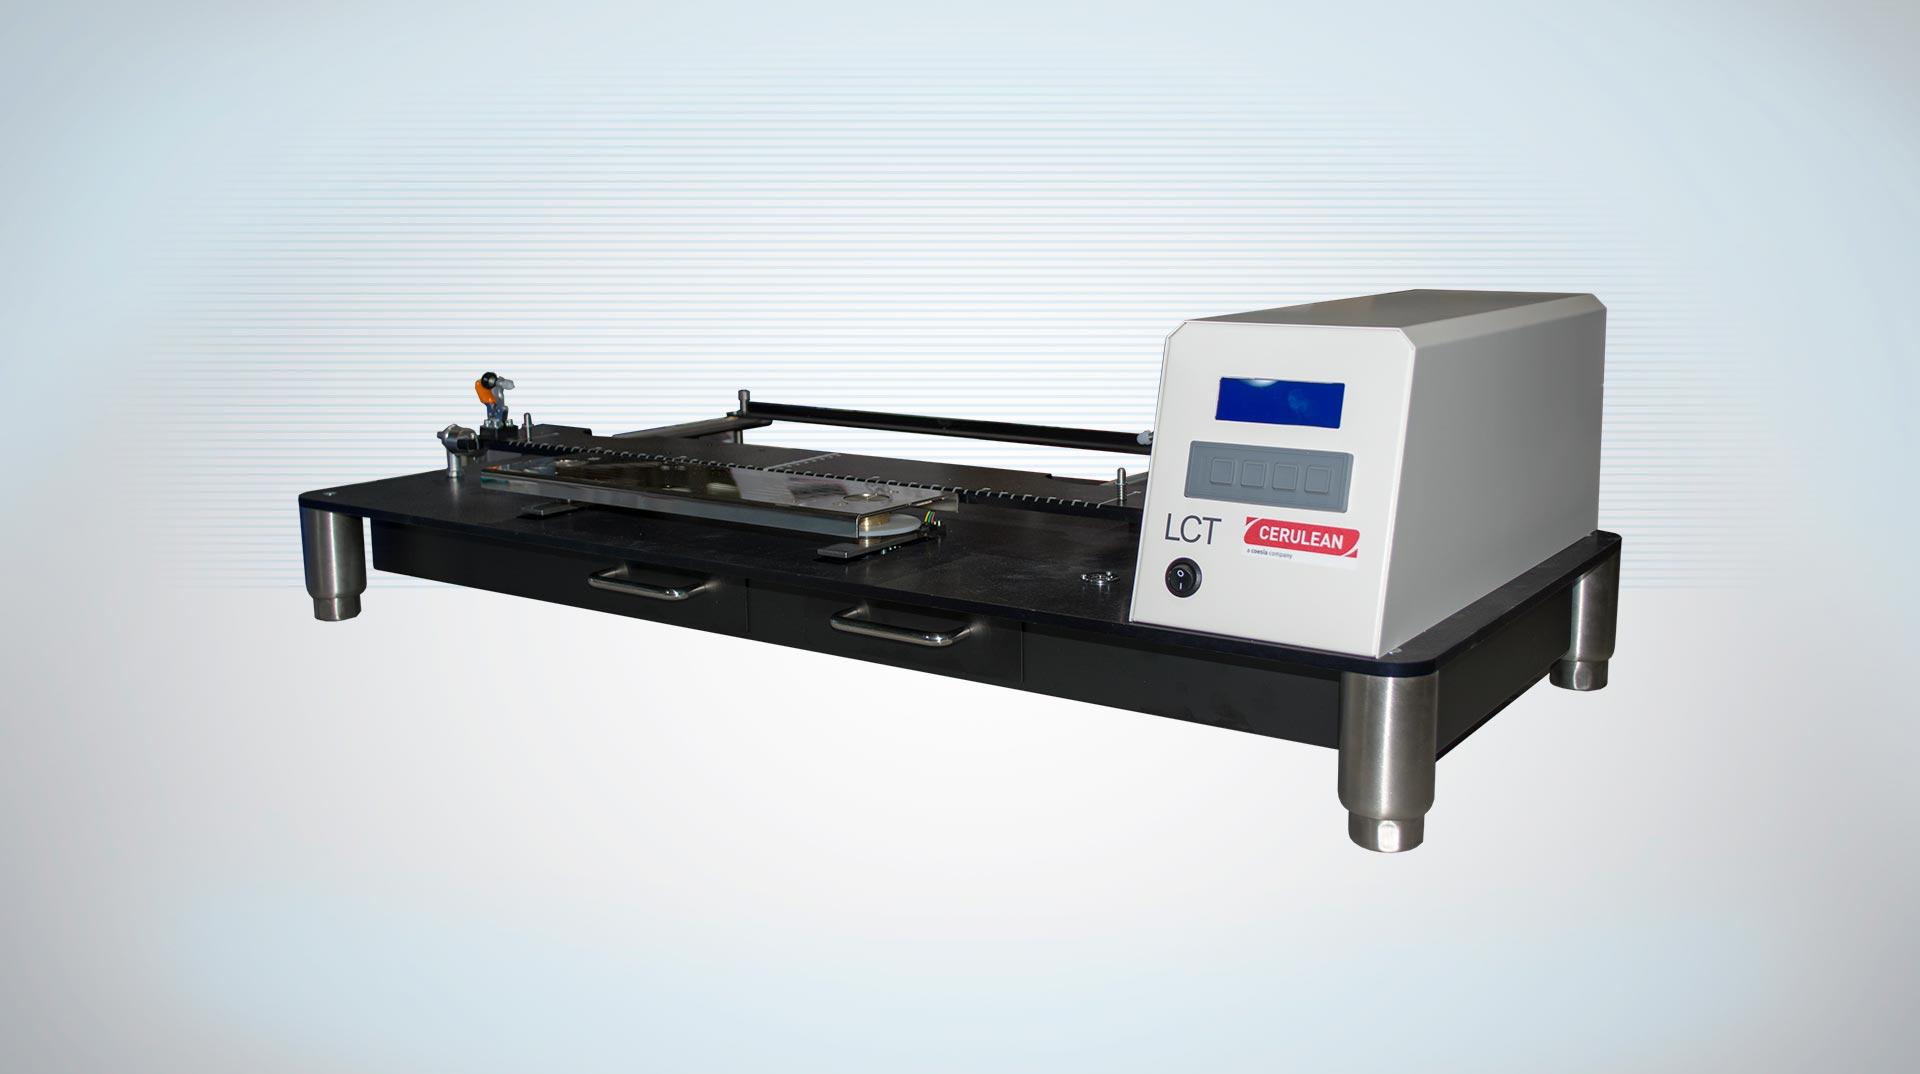 Carton Testing - Physical Testing